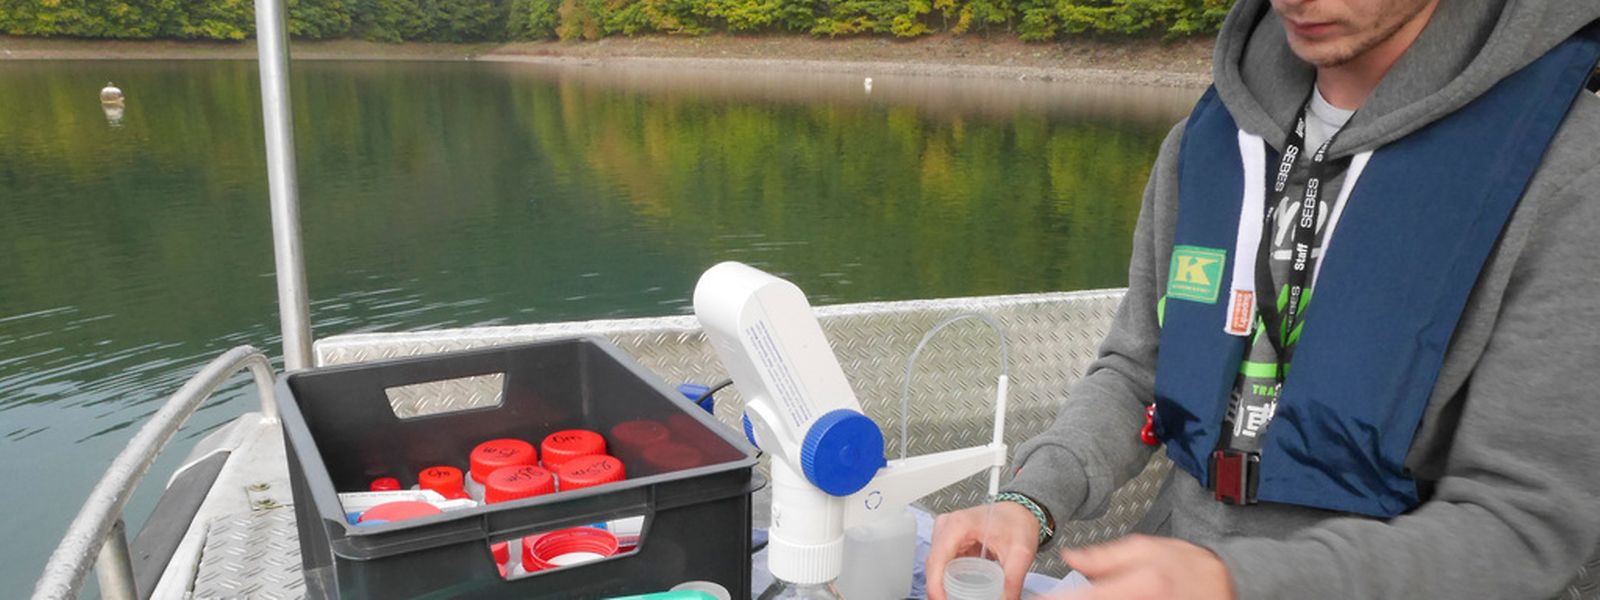 Täglich werden am See Wasserproben entnommen.